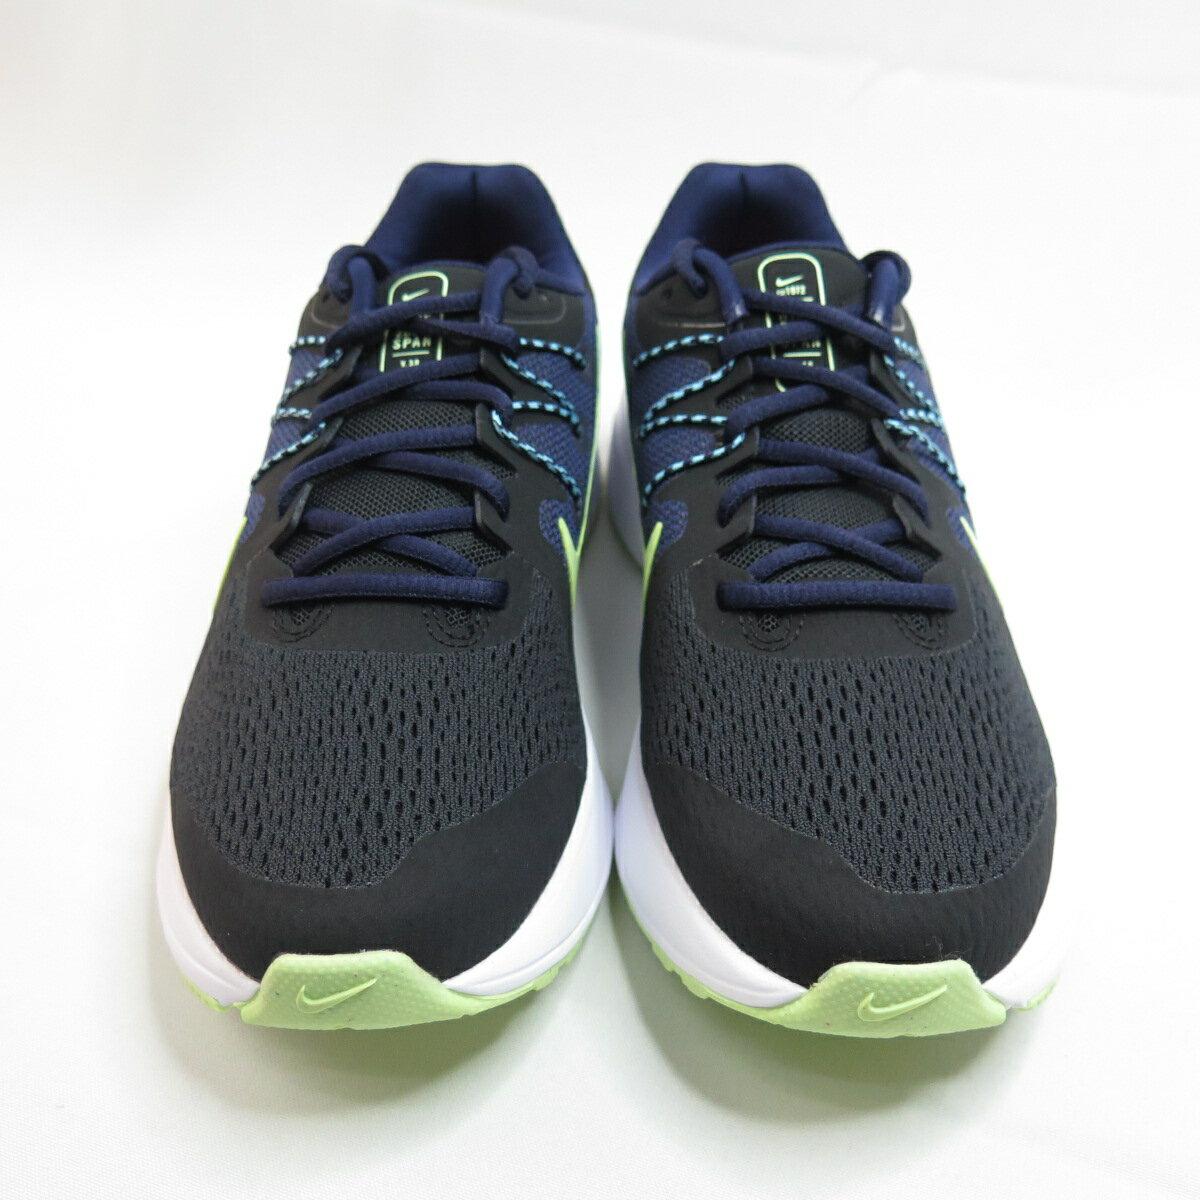 【滿額領券折$150】NIKE WMNS ZOOM SPAN 3 女款 慢跑鞋 運動鞋 CQ9267013 黑藍綠【iSport愛運動】